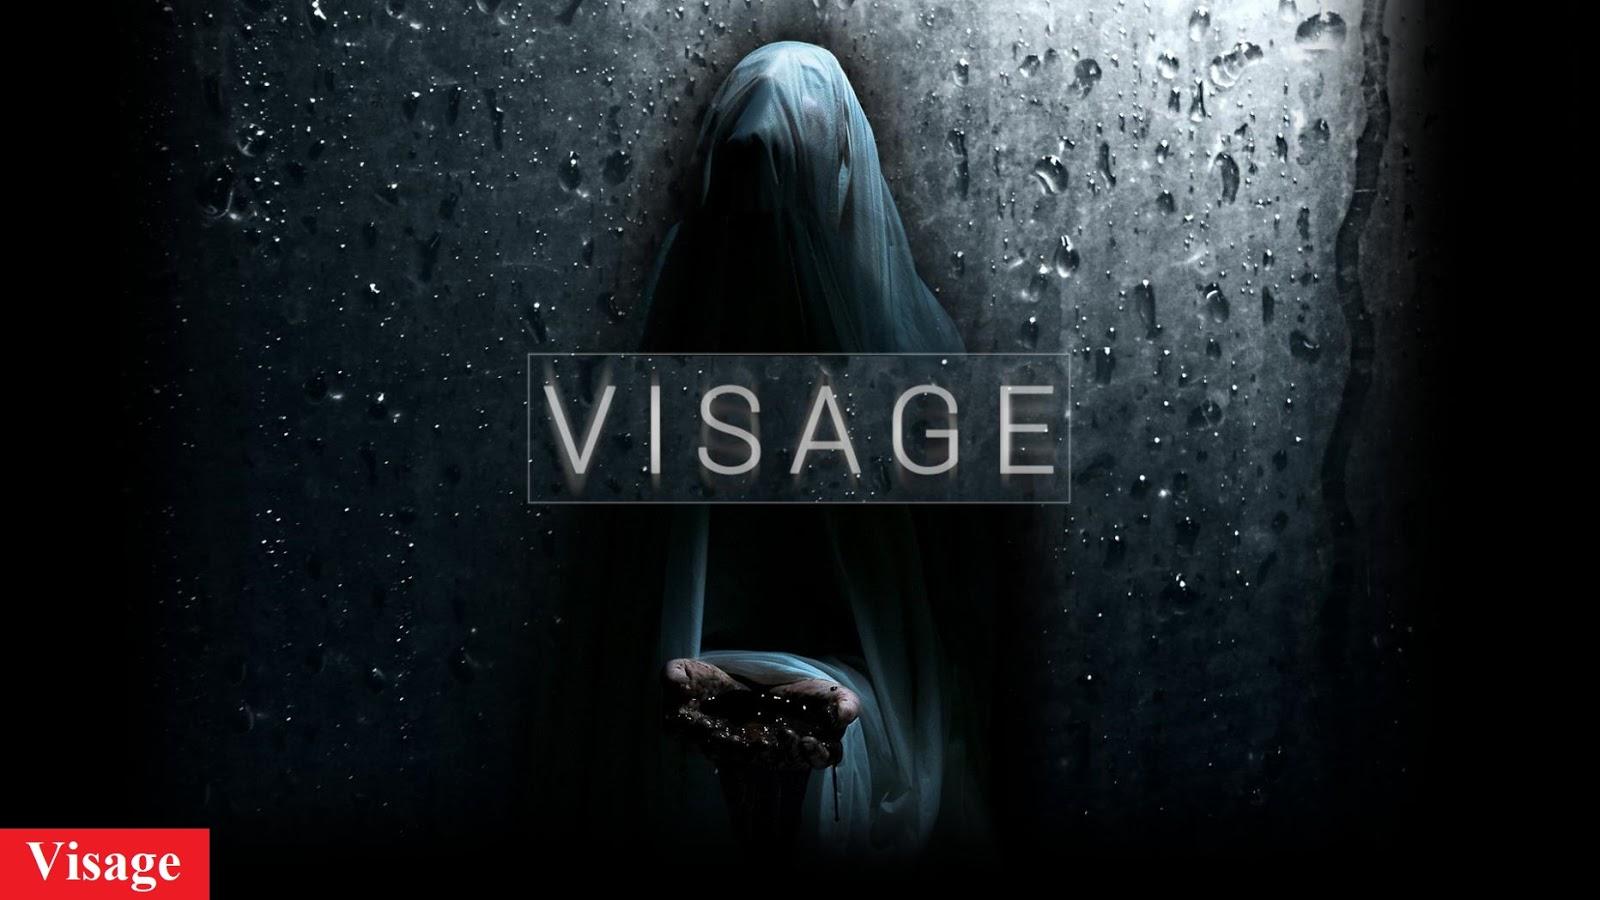 تحميل لعبة visage